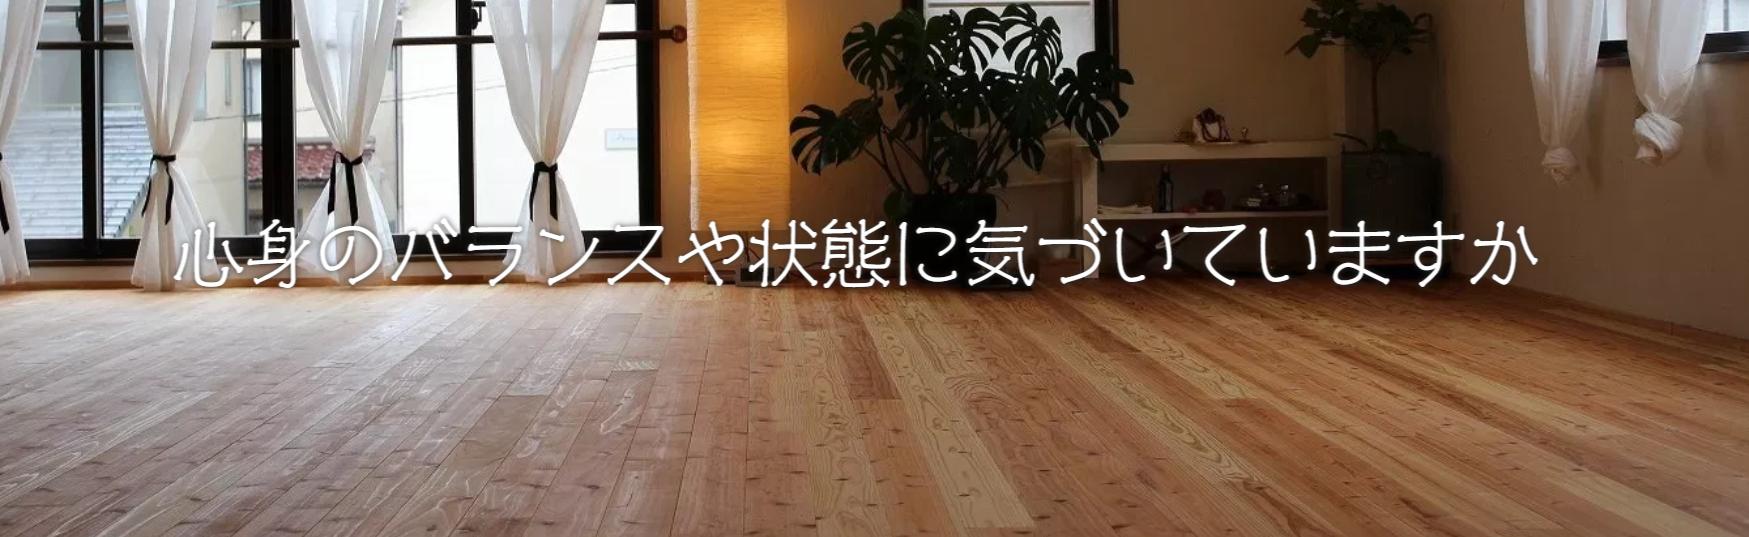 木造の広いスタジオ風景